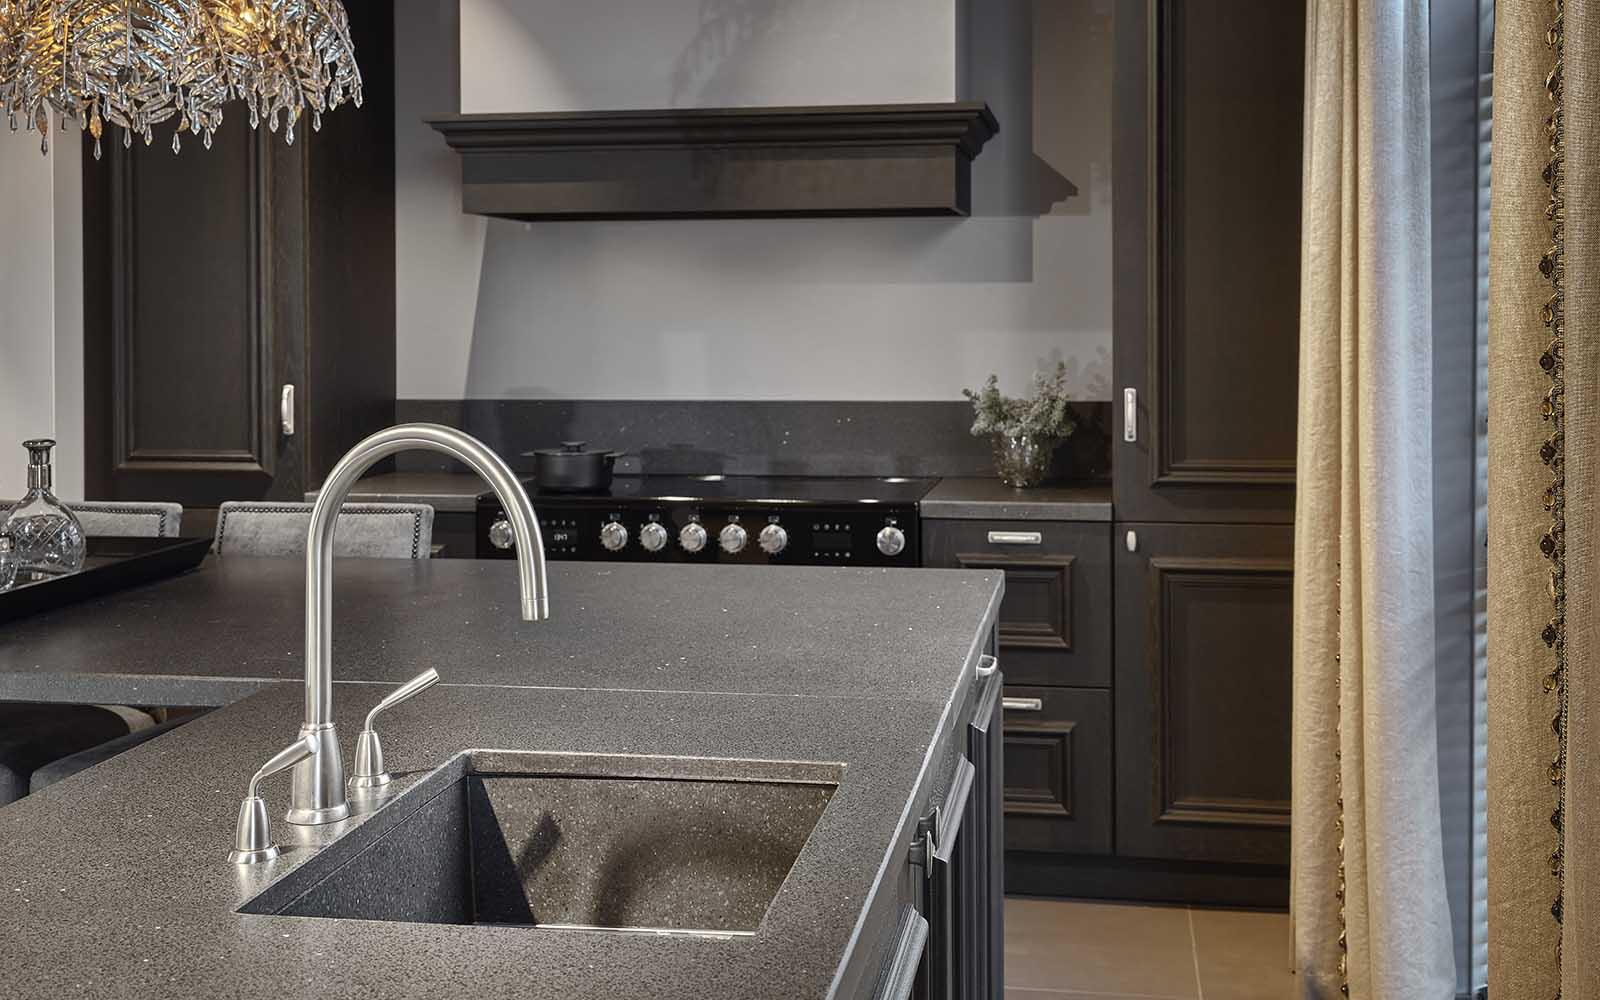 tieleman keukens, klassieke keukens, the art of living